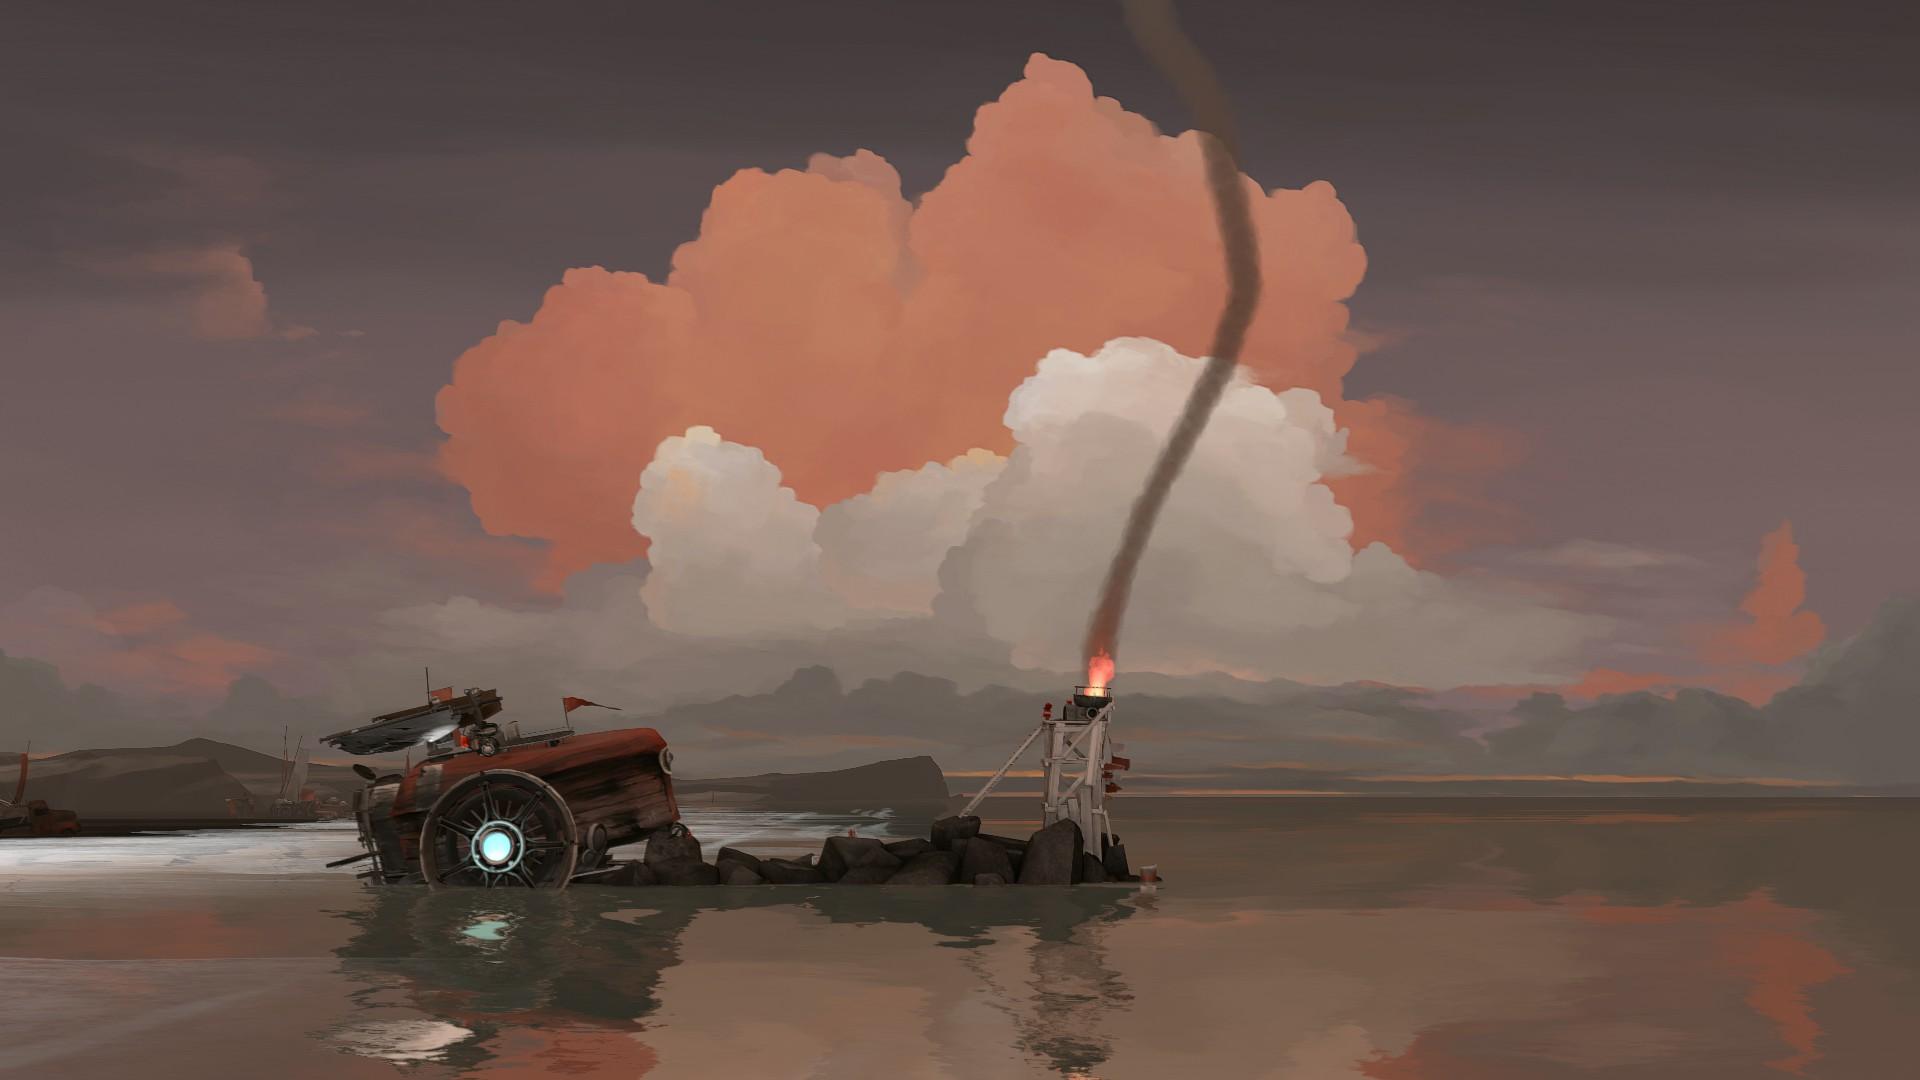 セイルズ ファー ローン 不思議な「船」で滅びゆく世界を冒険する終末旅行ADV。「ファー:ローン・セイルズ」Switch版の配信が本日スタート